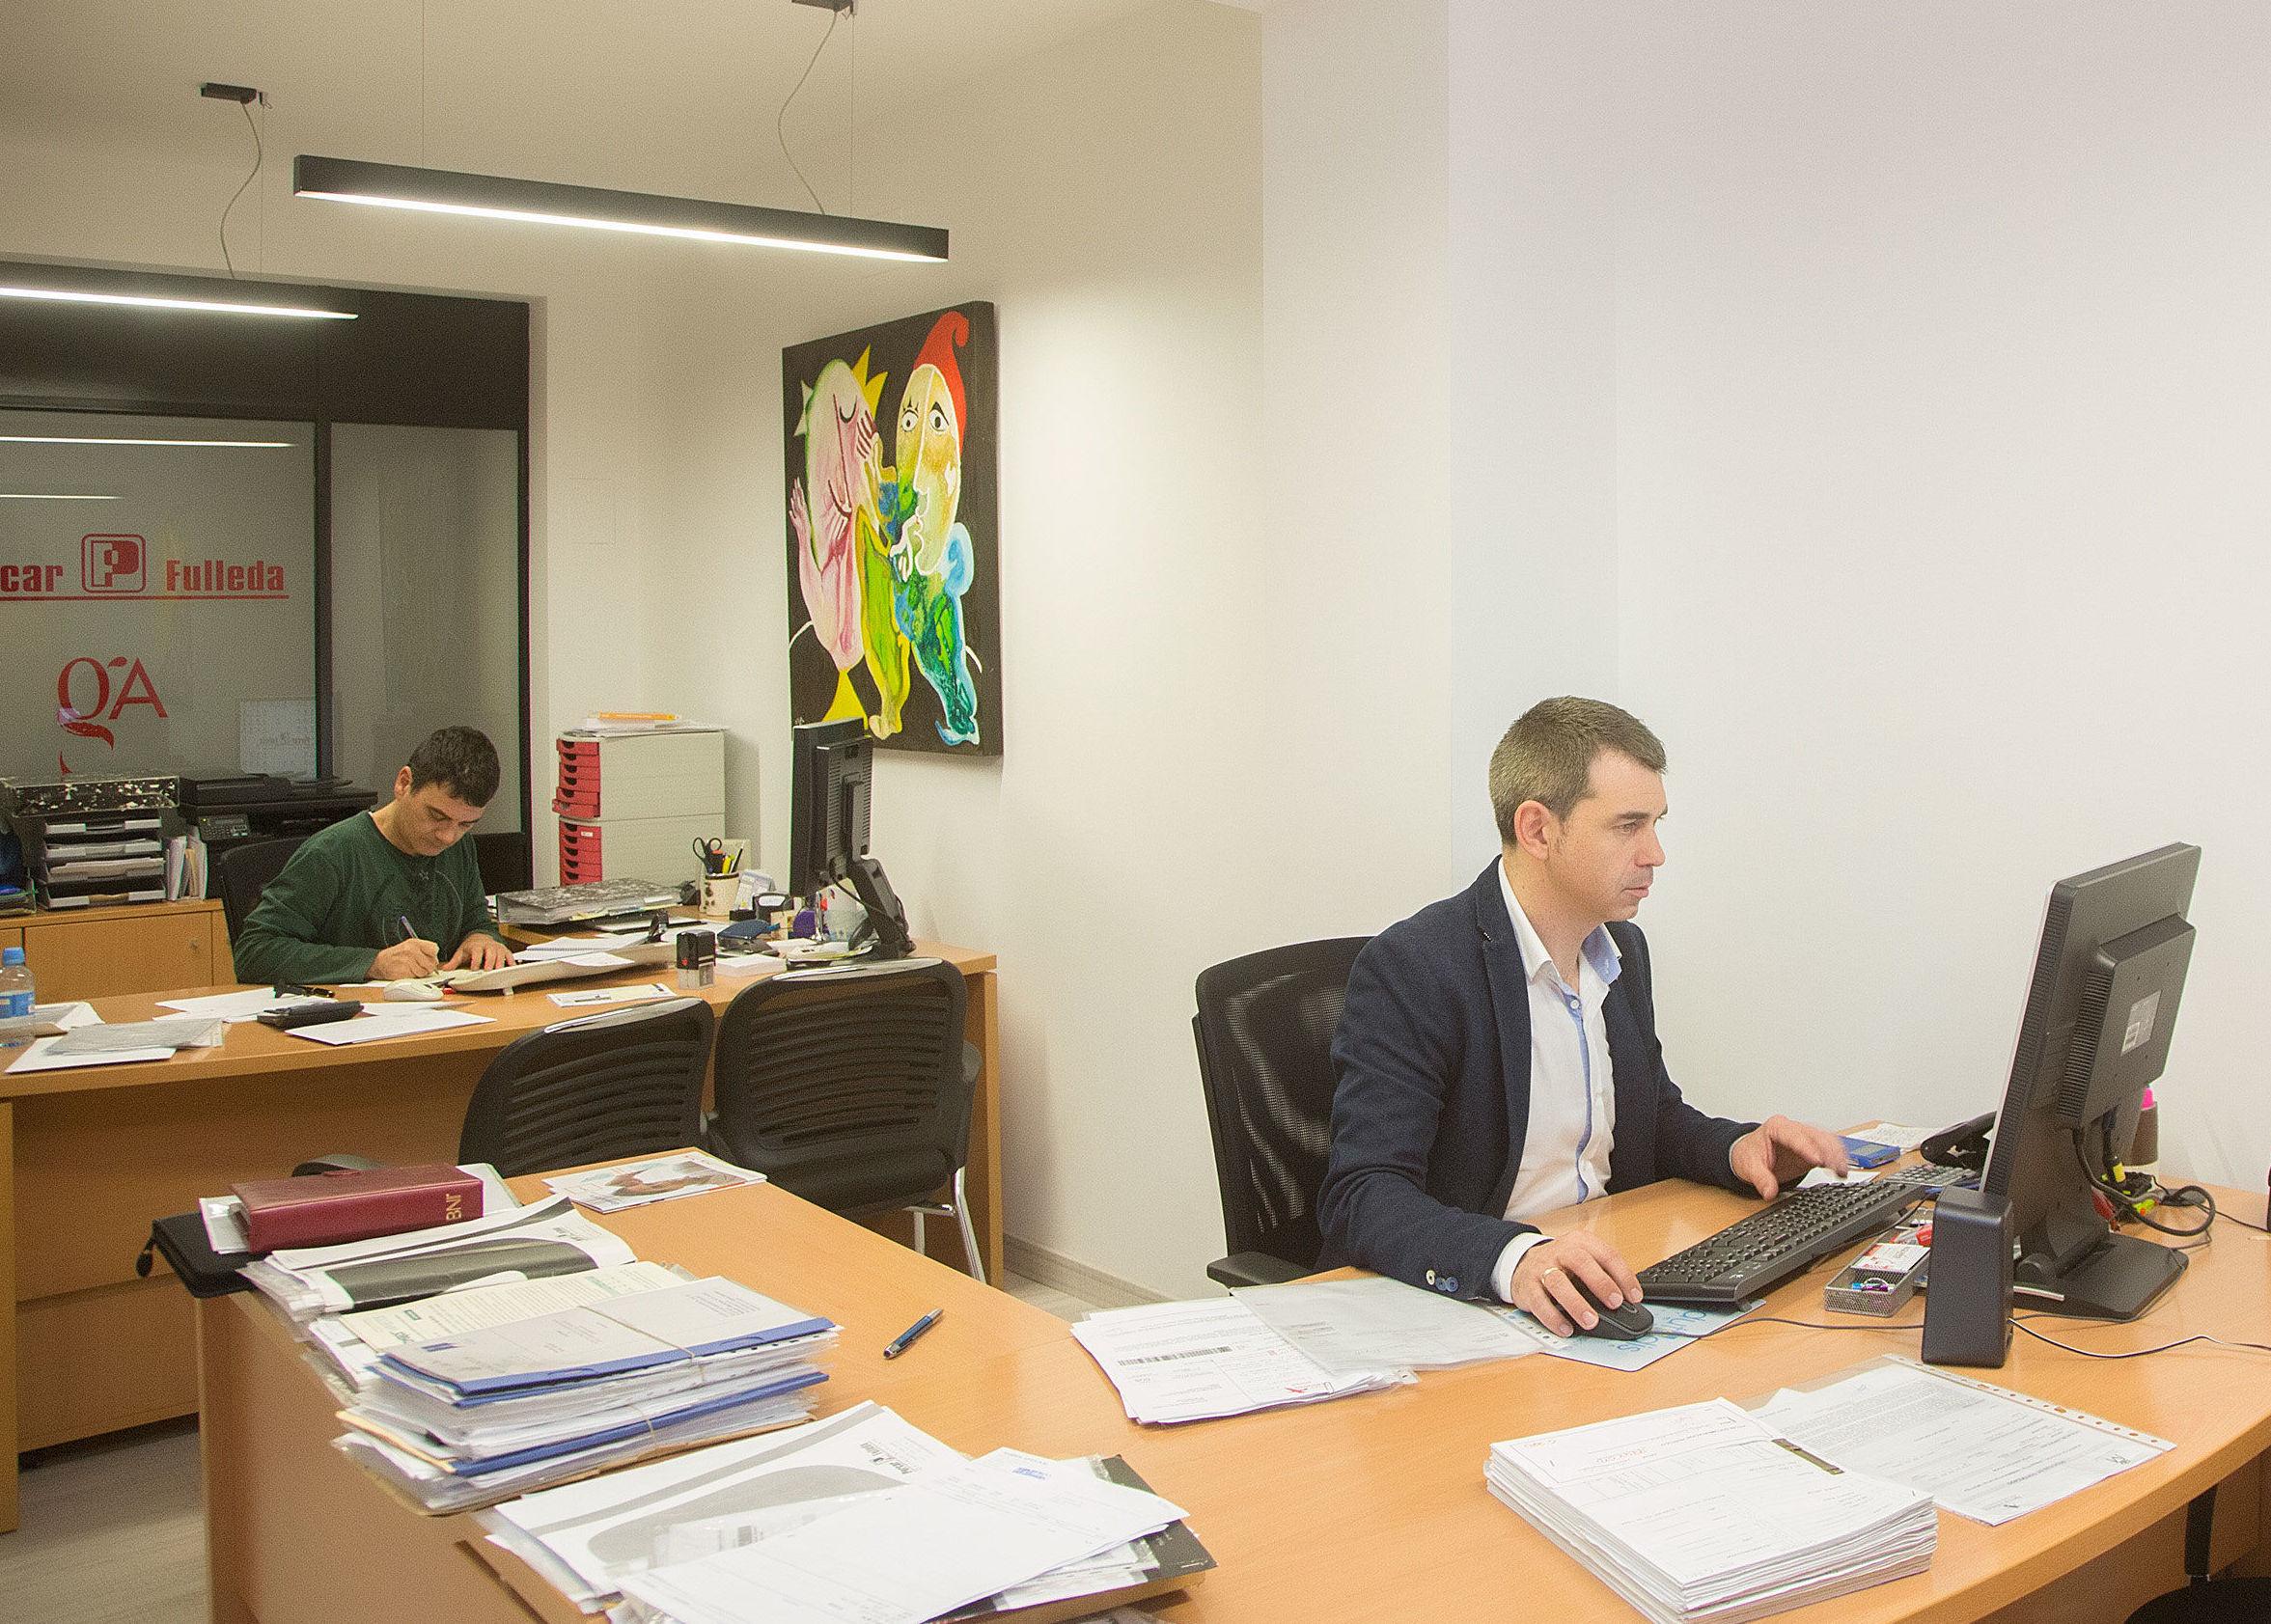 Foto 19 de Gestorías administrativas en Castellón / Castelló de La Plana | Gestors Associats Porcar Fulleda